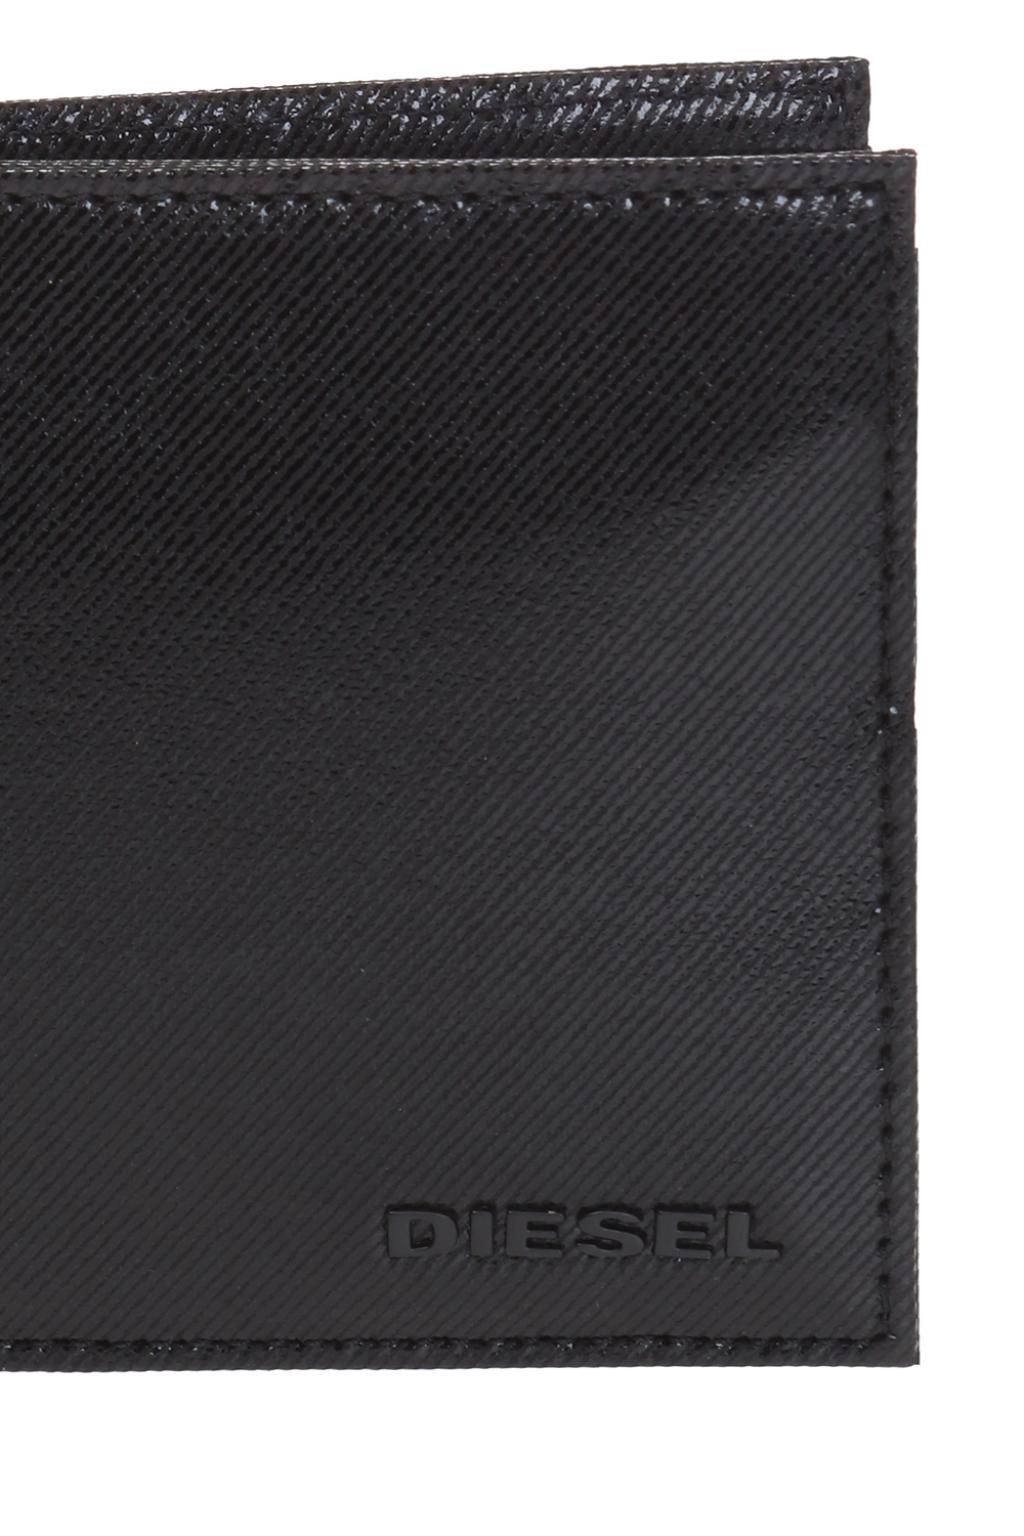 Diesel Branded wallet